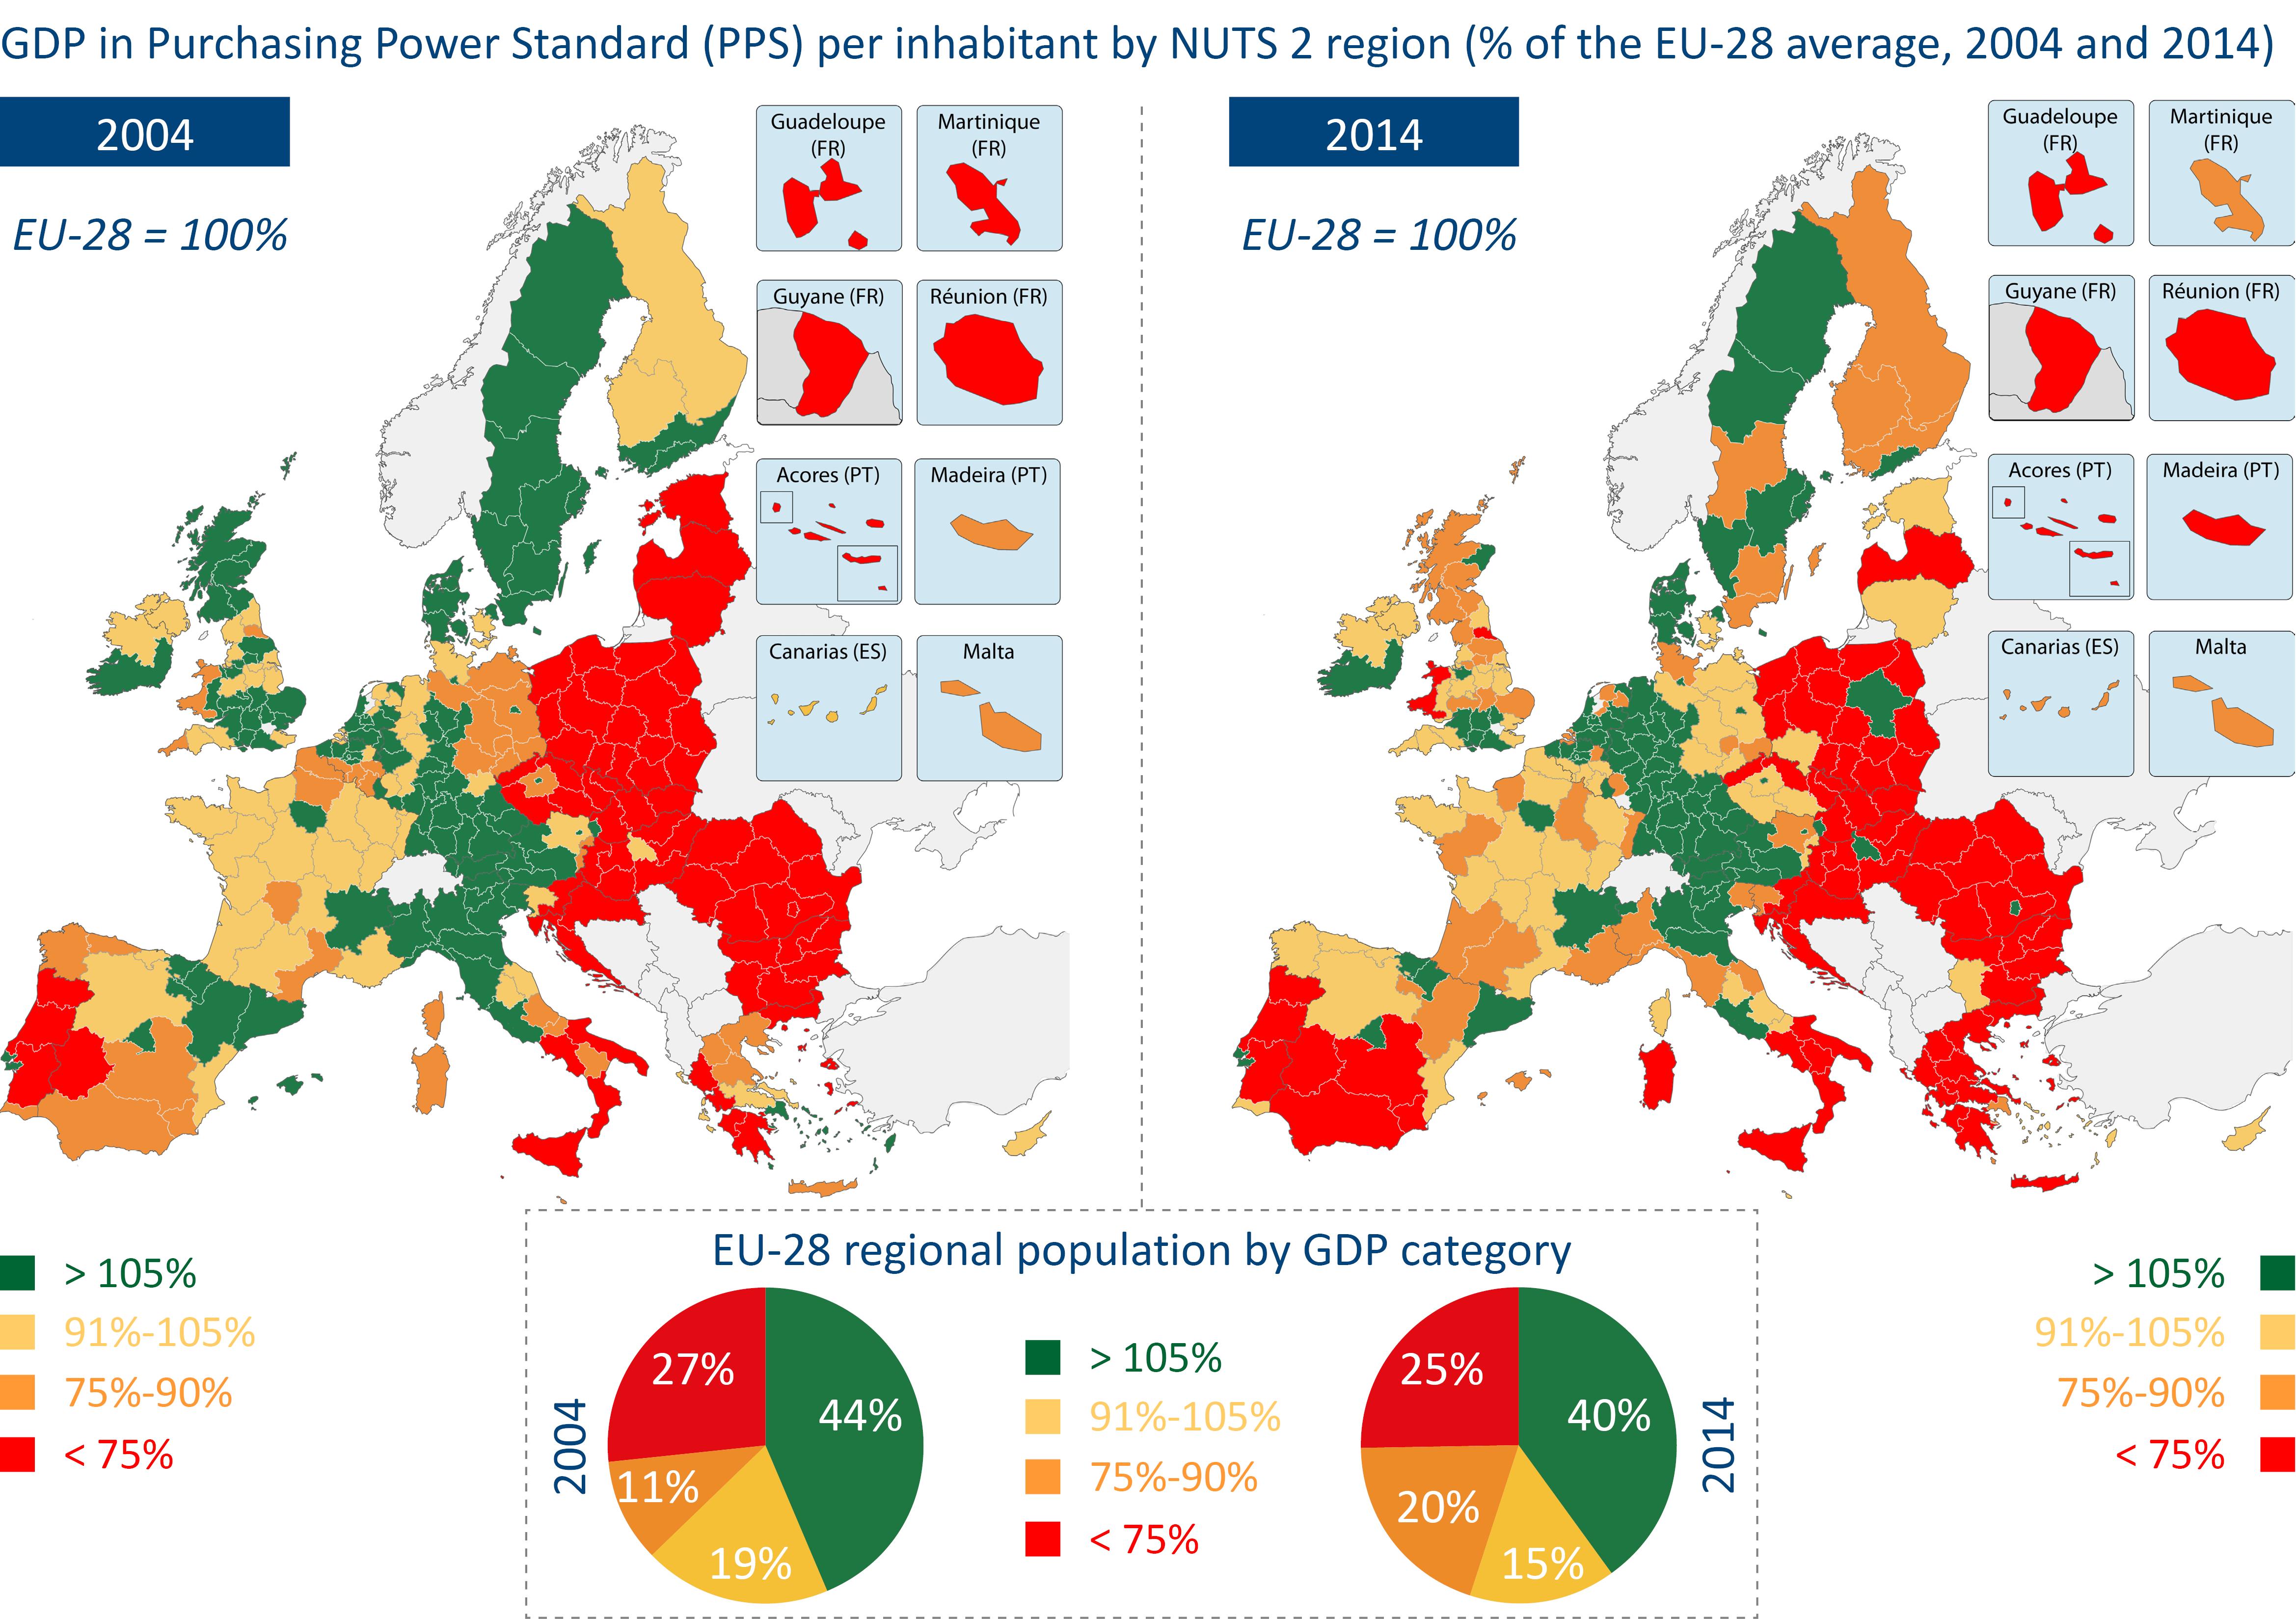 GDP in PPS per Capita in EU